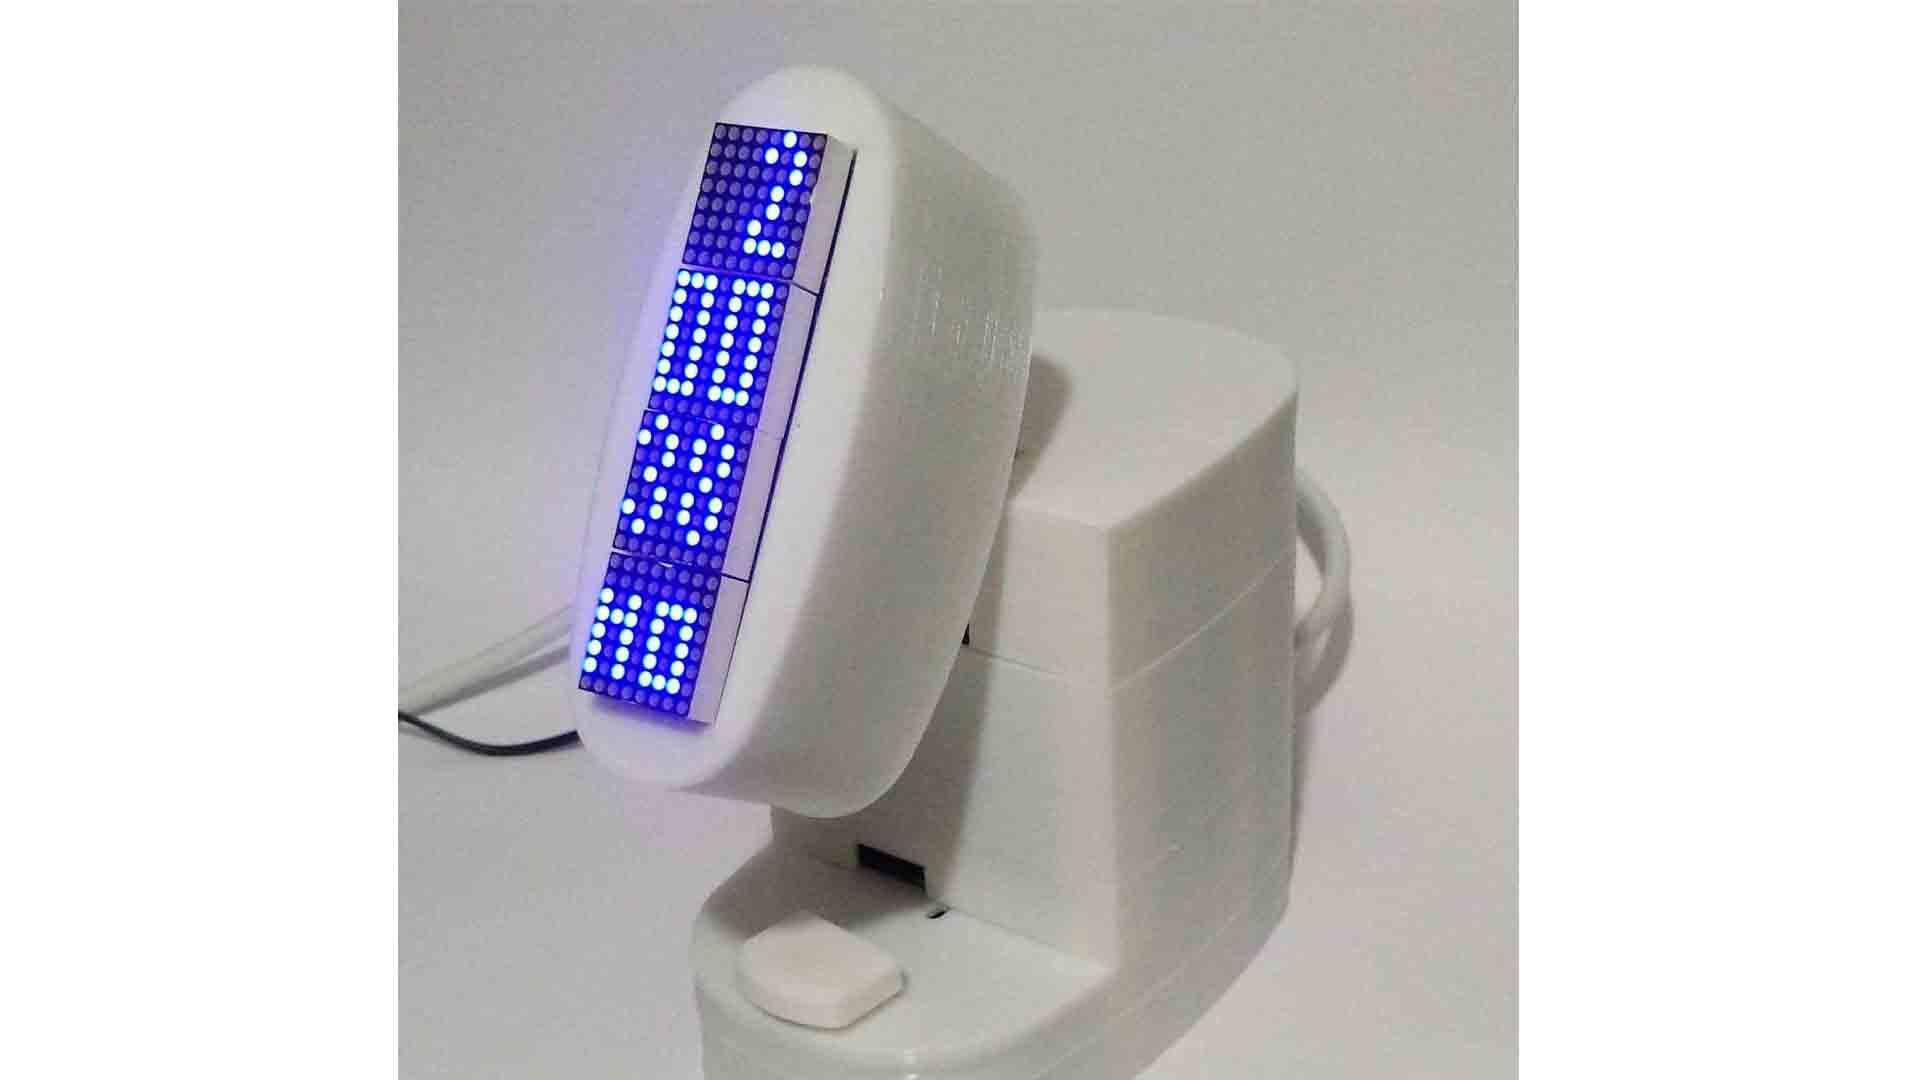 つづき、Arduinoタイマー付きLED電光掲示板 試作完成 その3